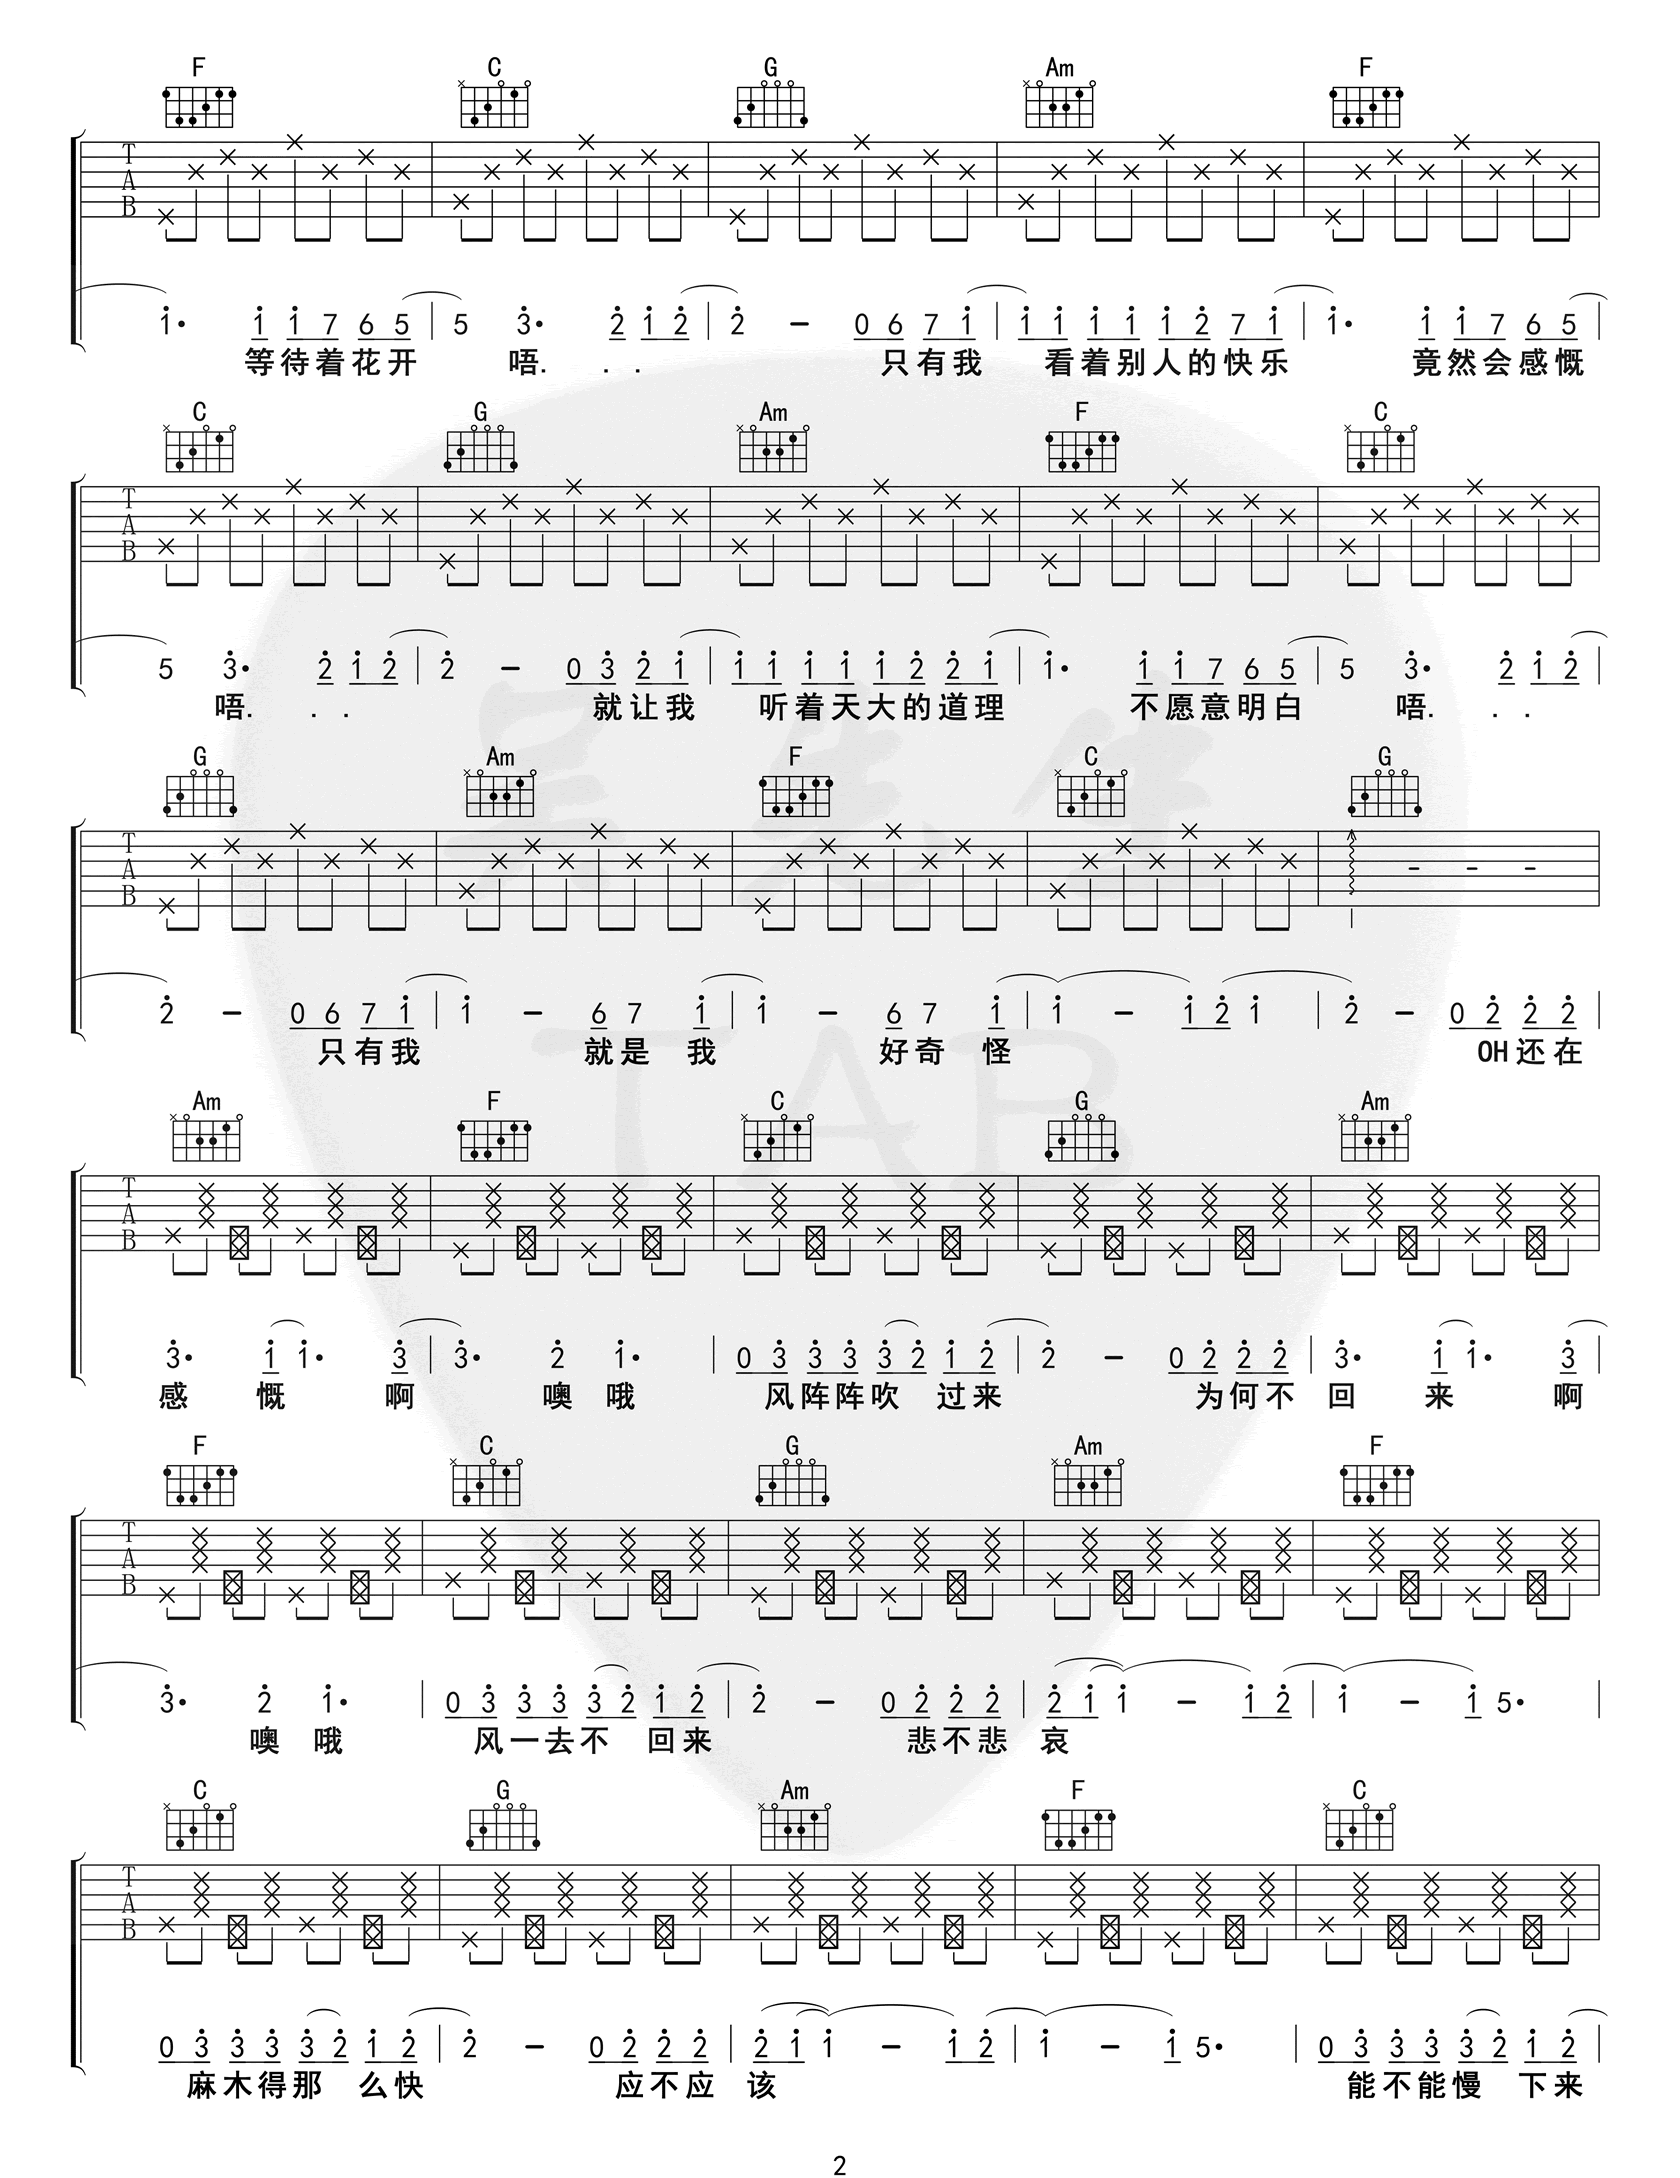 《烟火里的尘埃》吉他谱_华晨宇_C调改编版弹唱谱_高清六线谱2